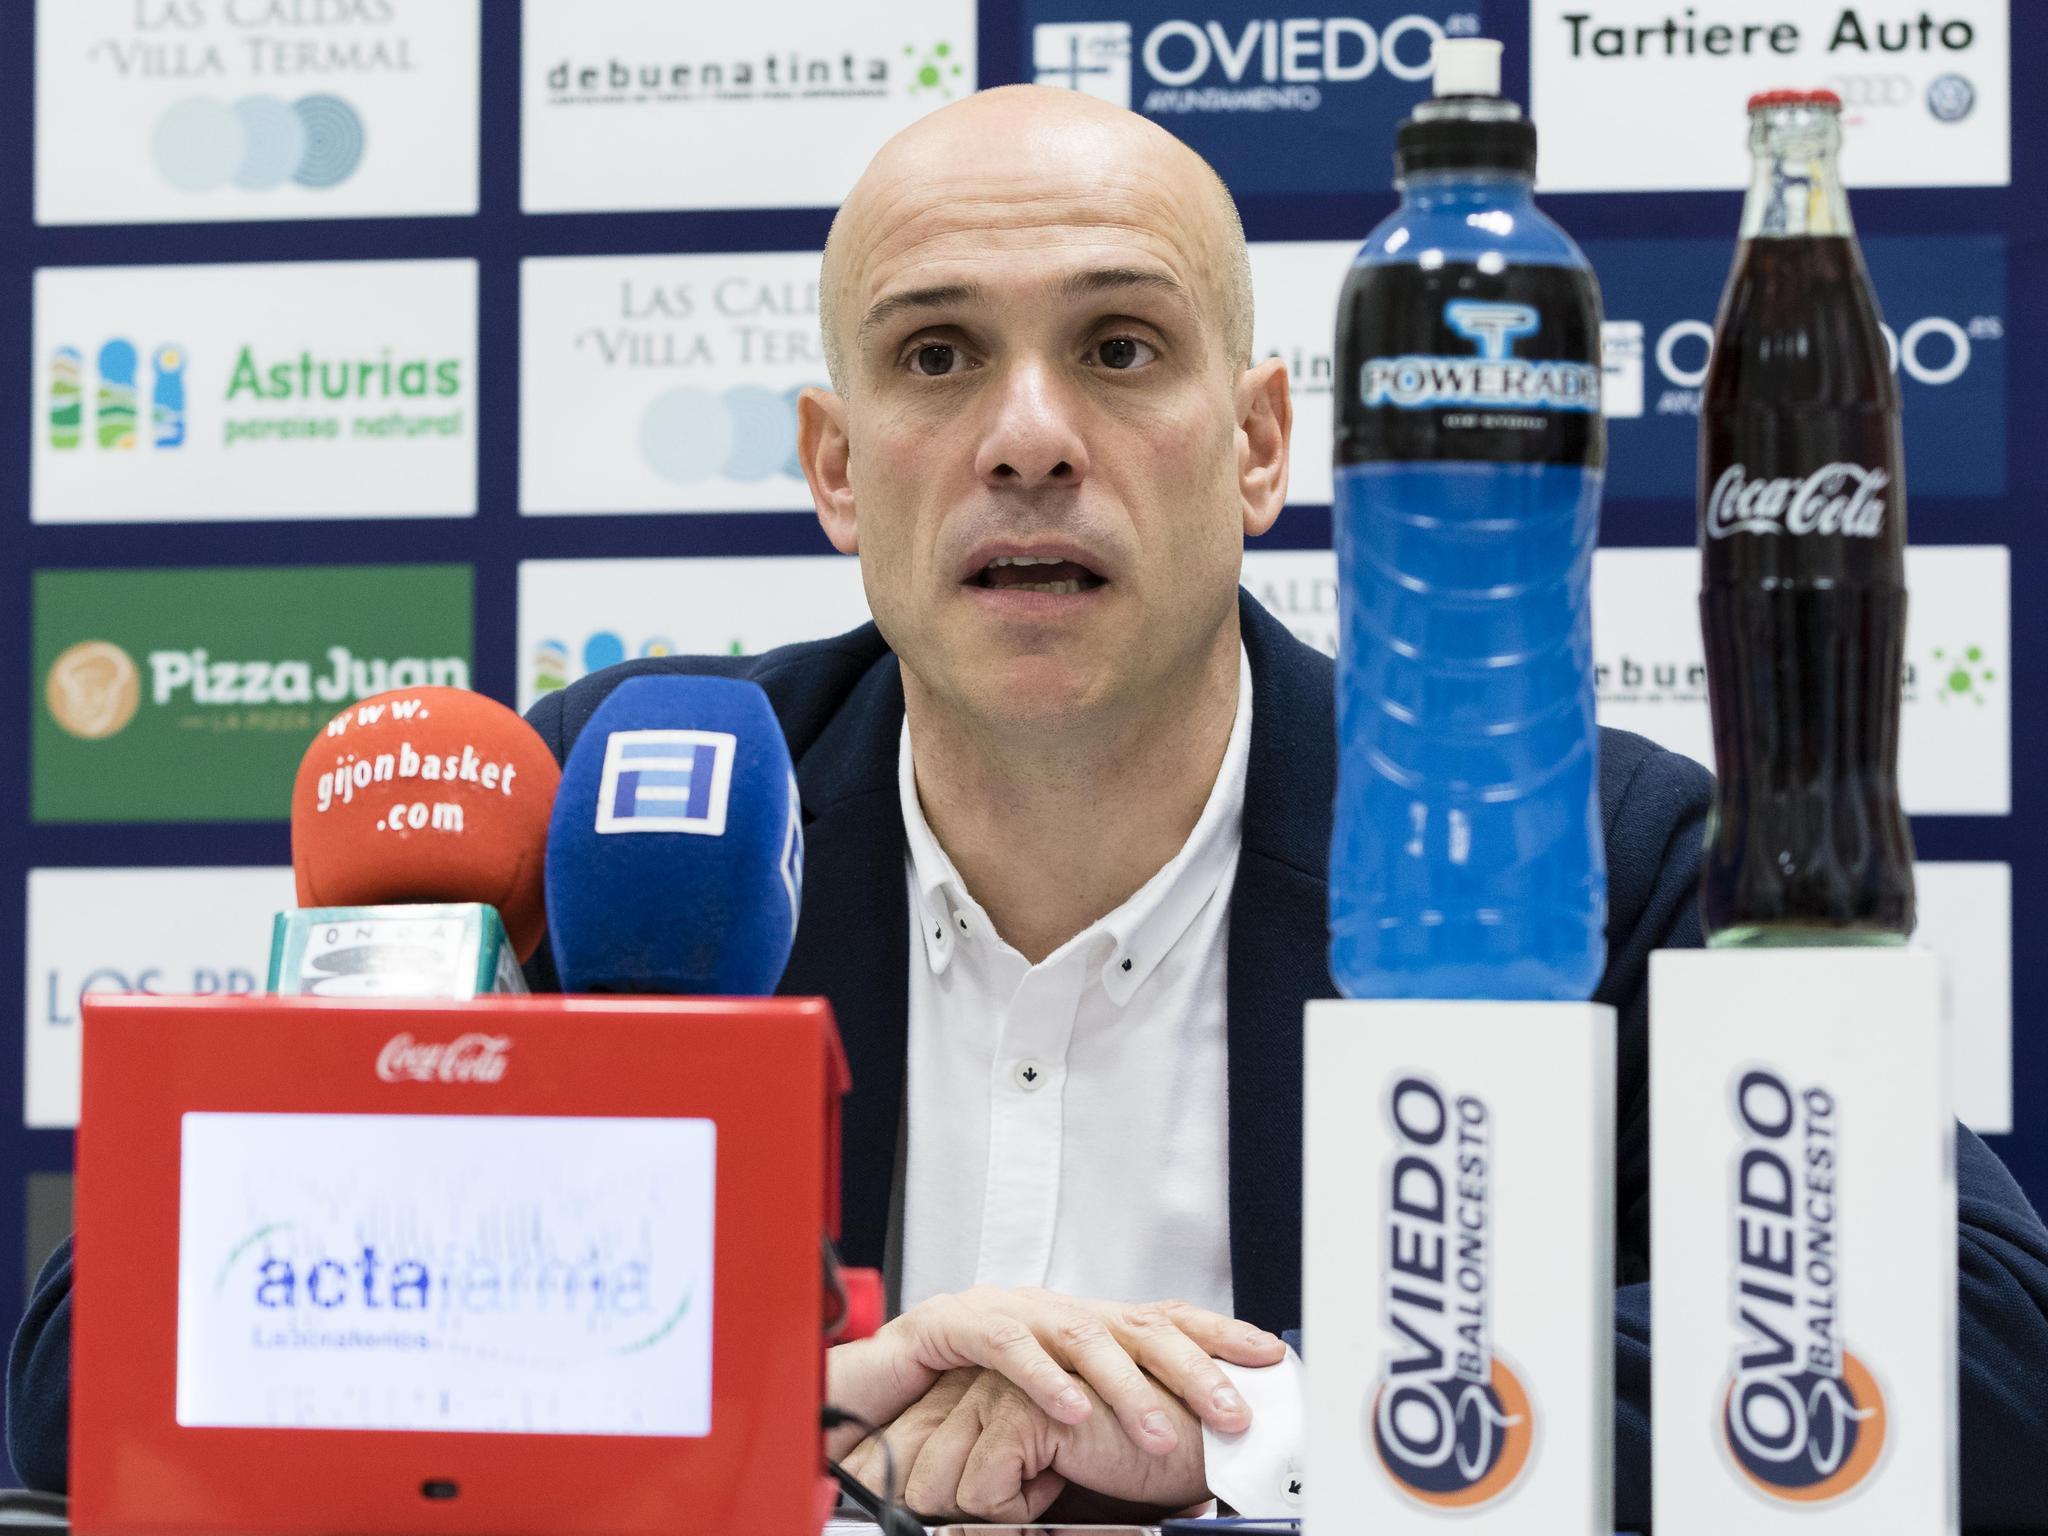 Carles Marco durante la rueda de prensa (Foto: Christian García)